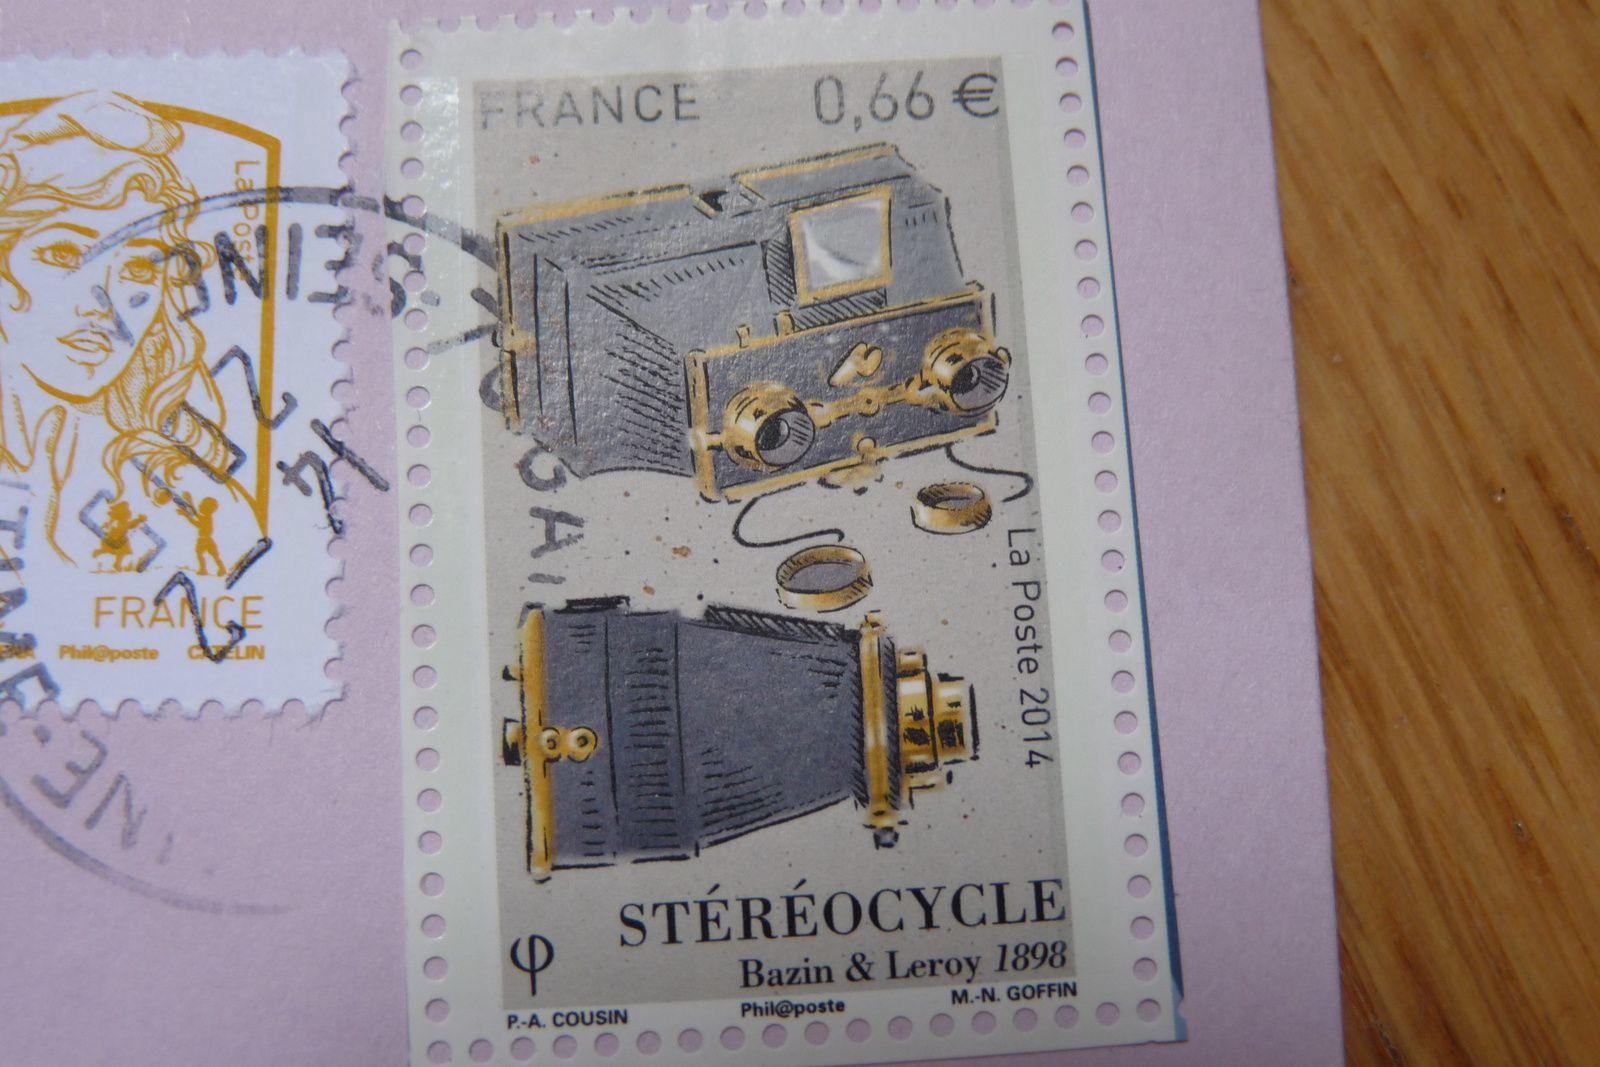 Lydie, je te dédies le timbre cagouille! Avoue qu'il est chouette!